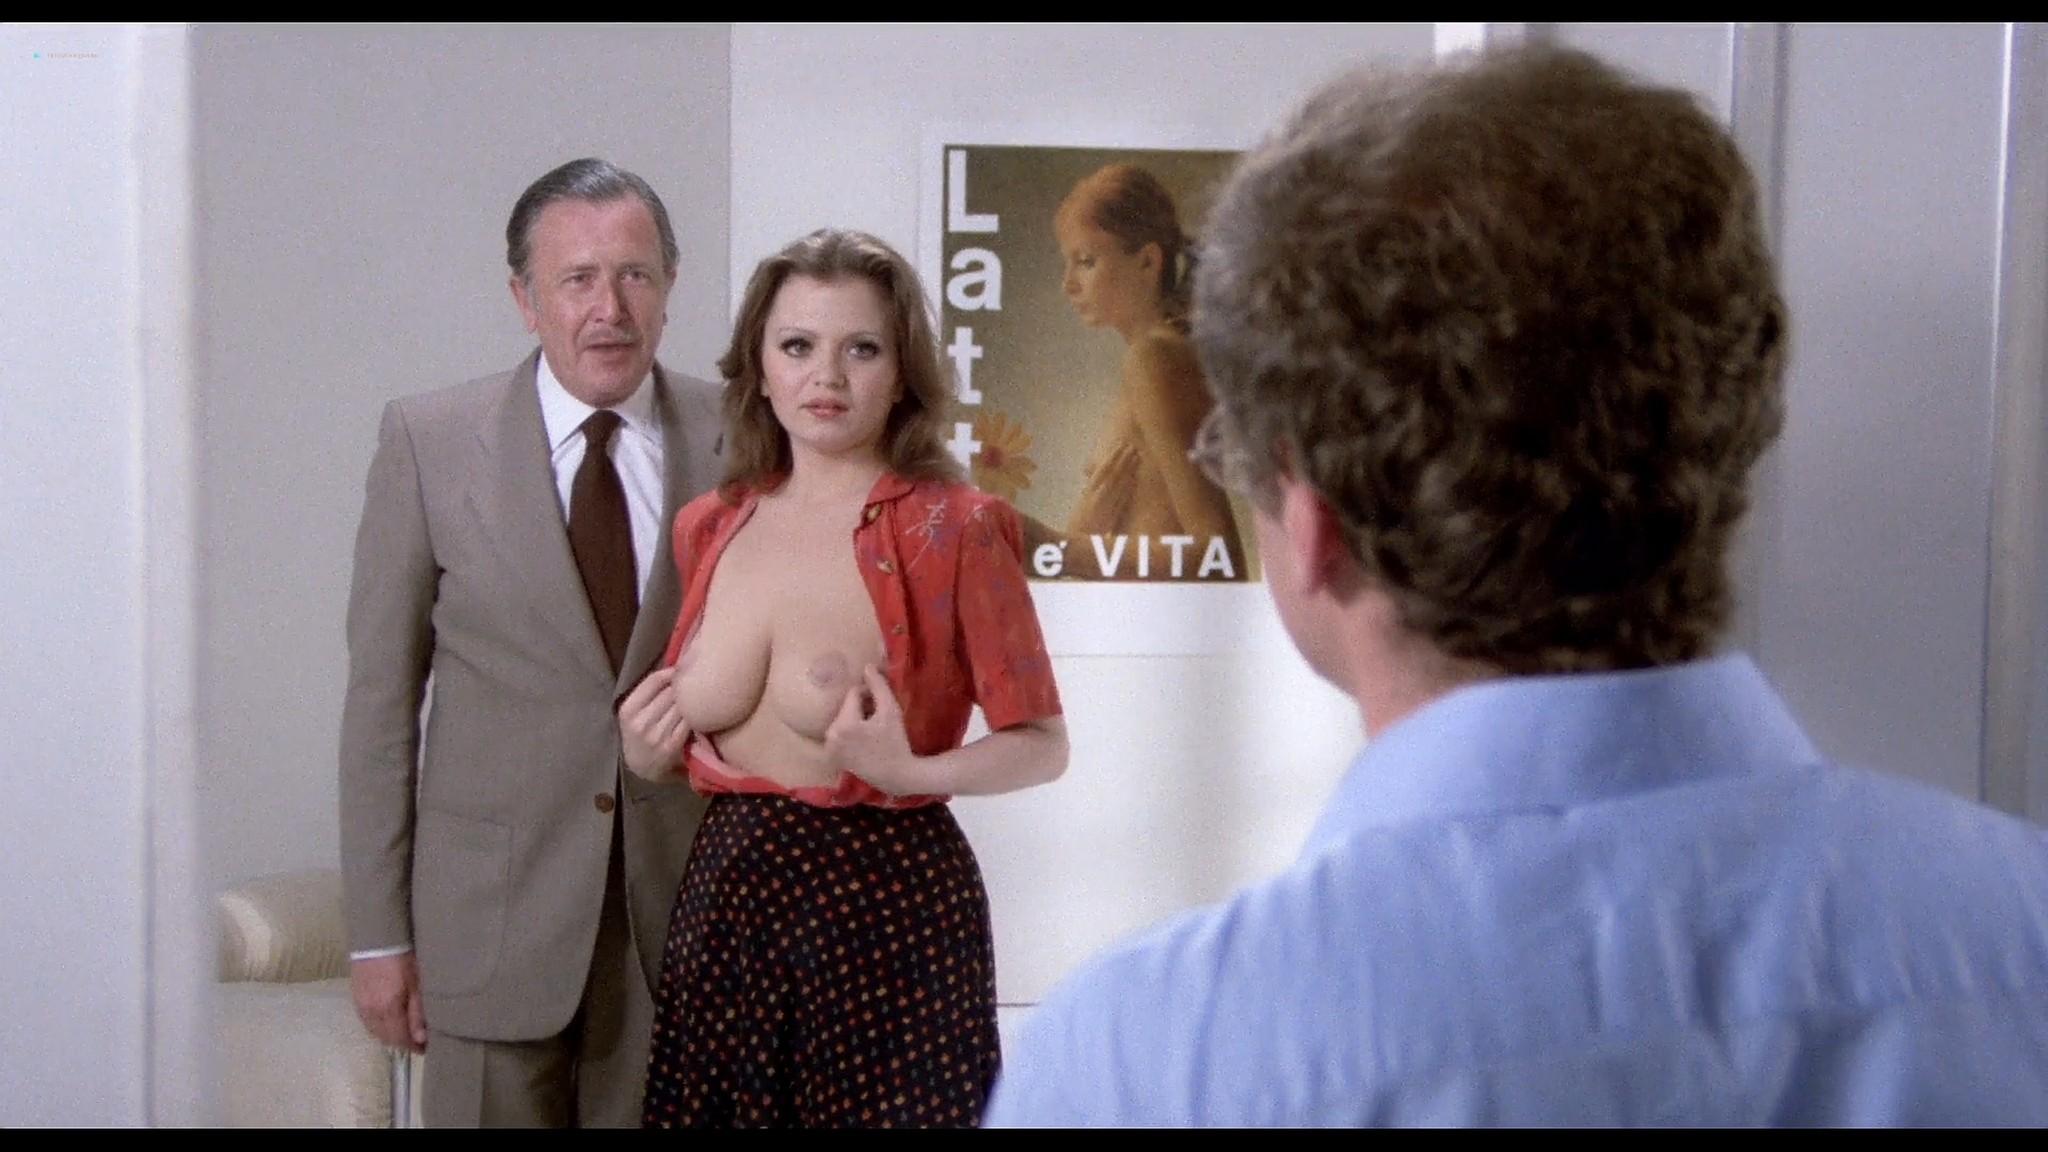 Barbara Bouchet nude bush Stefania Casini and others nude Come perdere una moglie e trovare un amante IT 1978 1080p Web 16